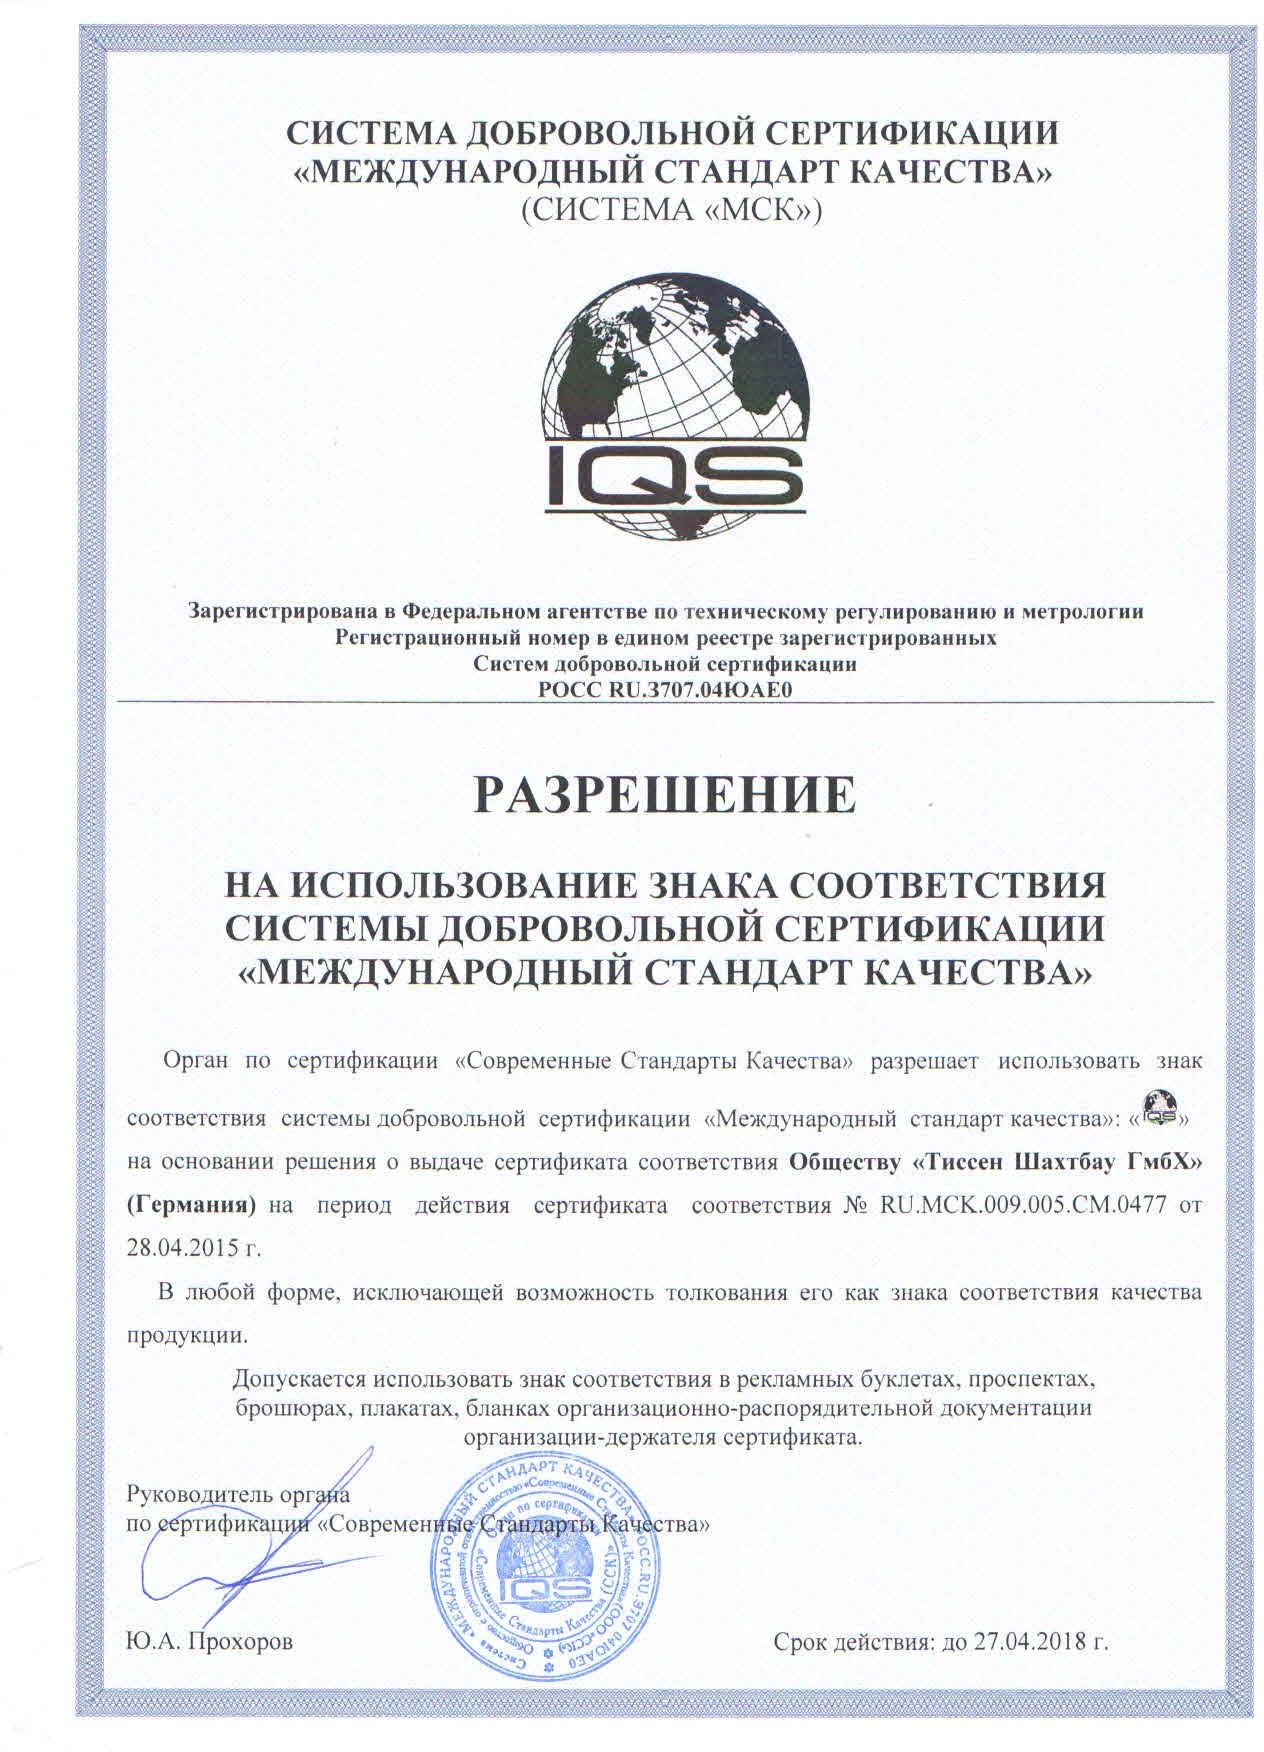 удостоверение о получении исо 14001